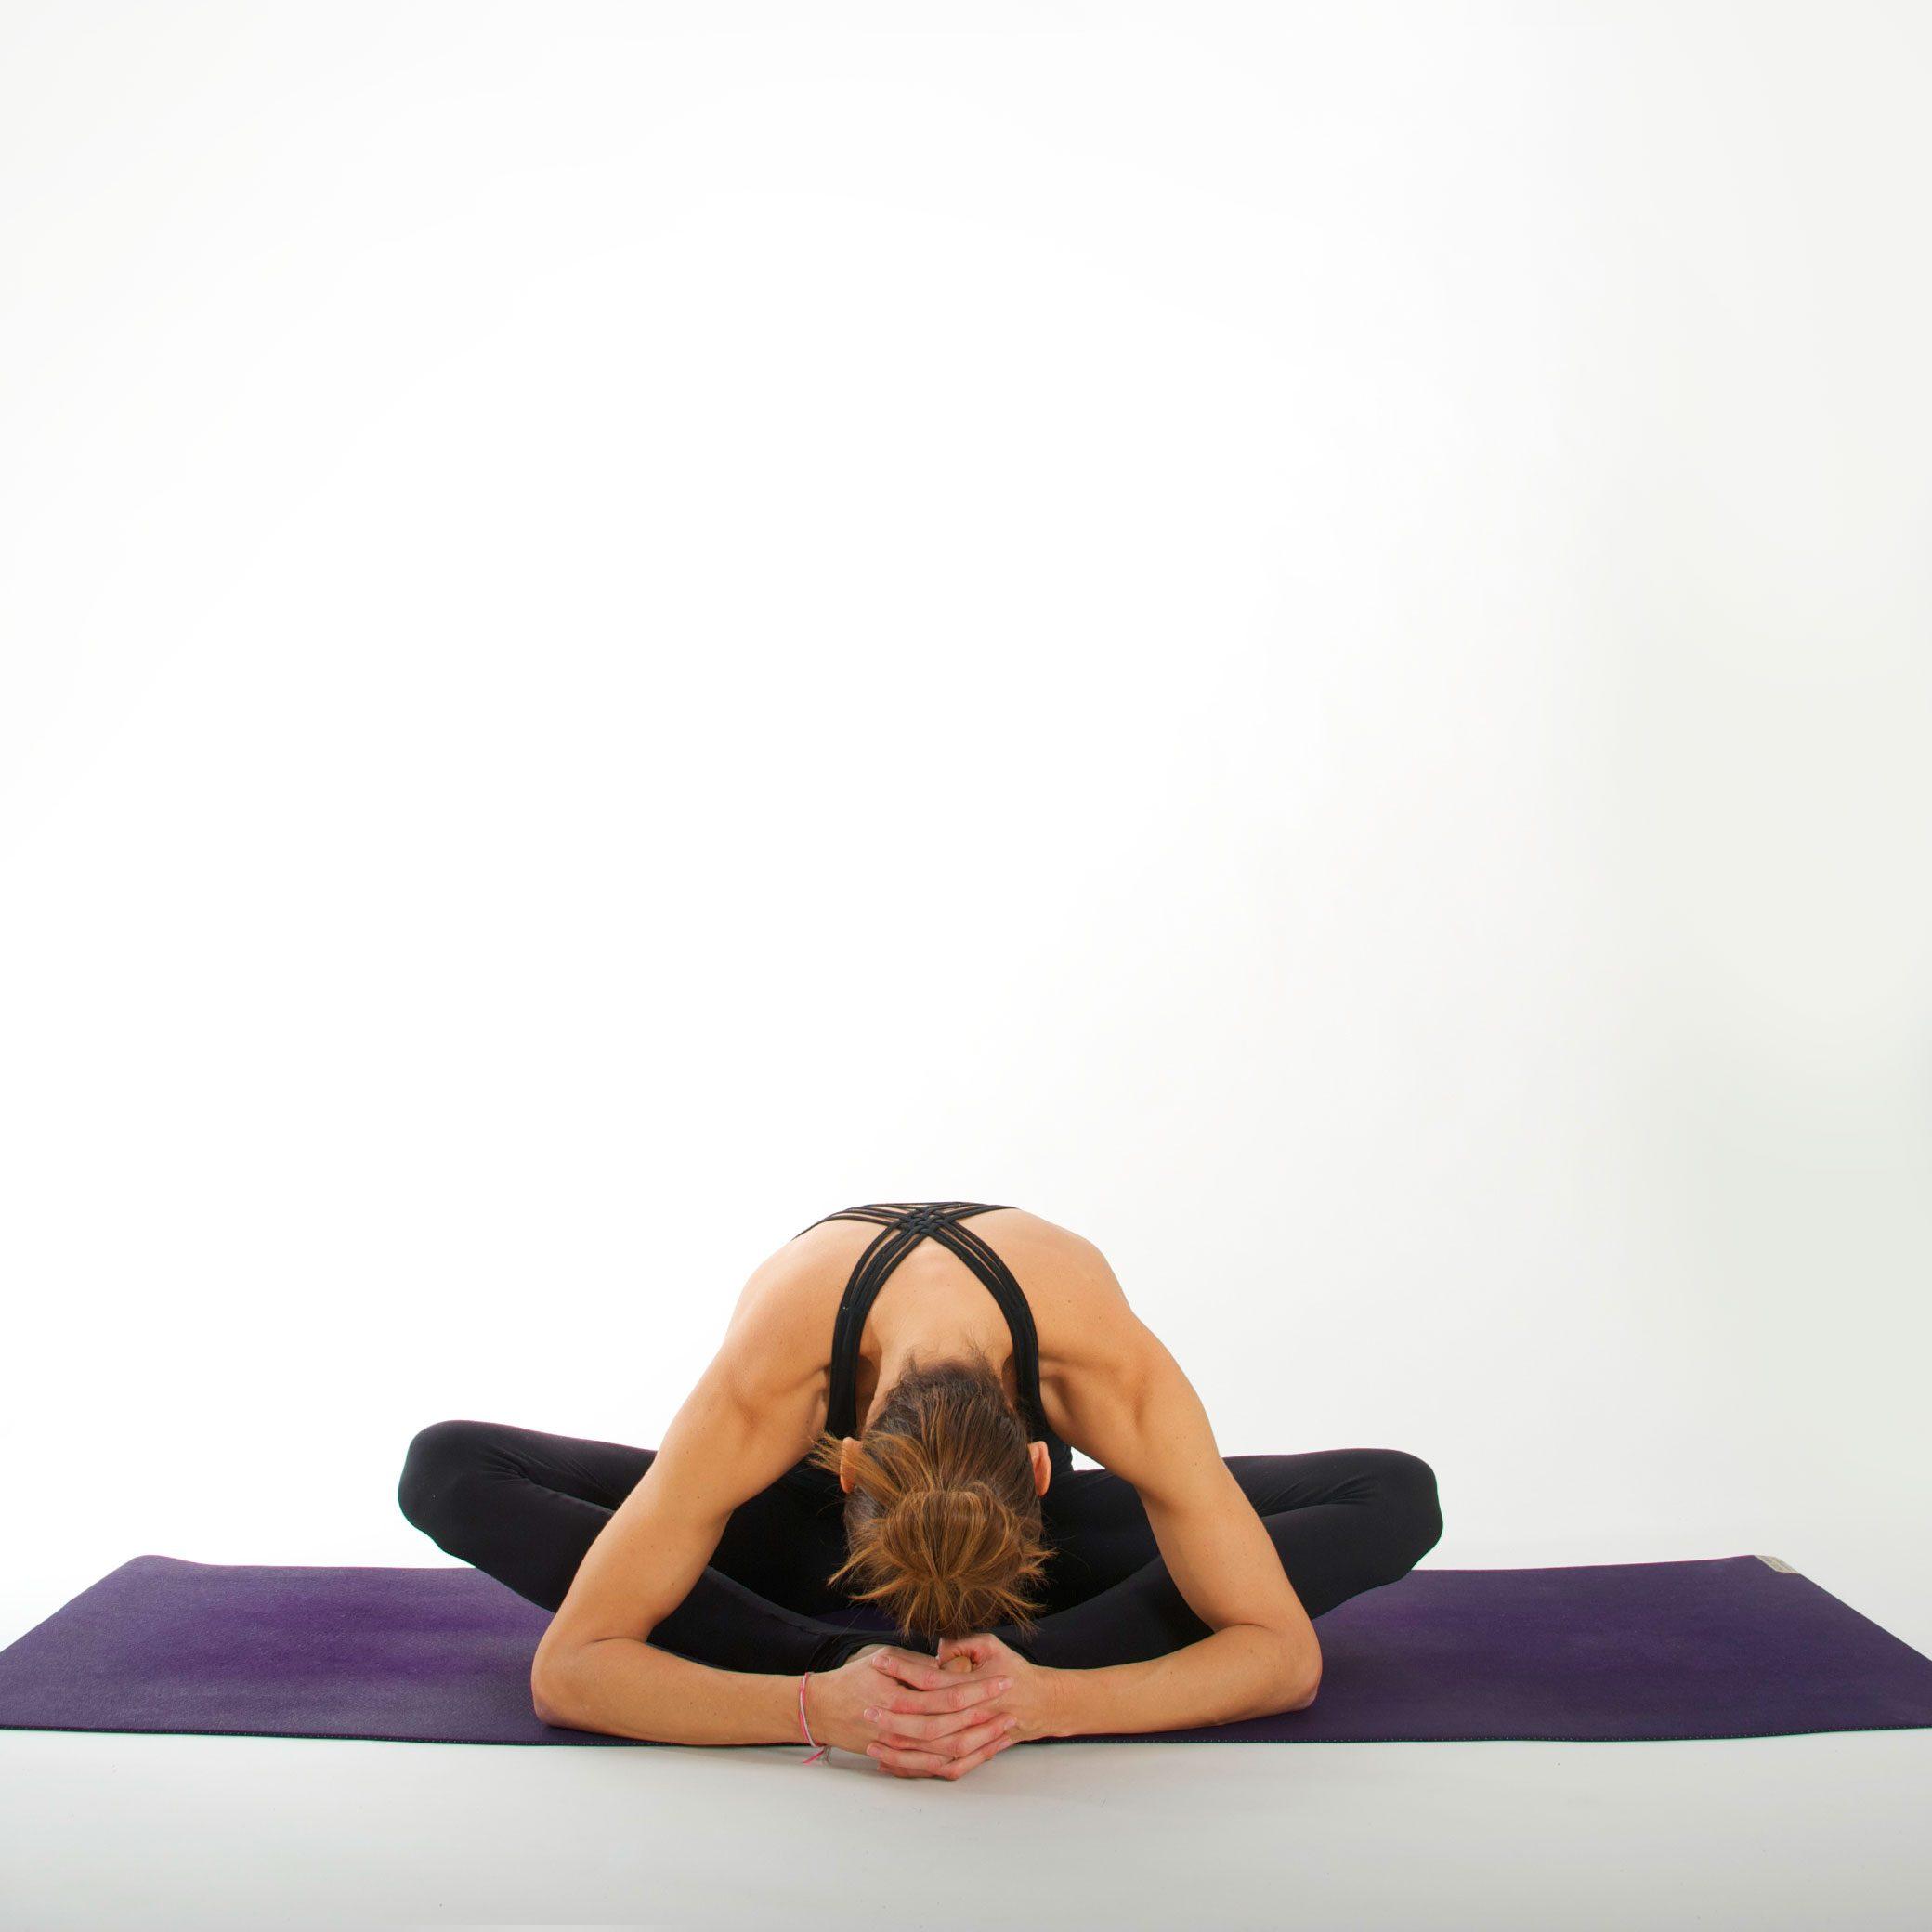 Yoga Asana I SCHMETTERLING I myyogaflows